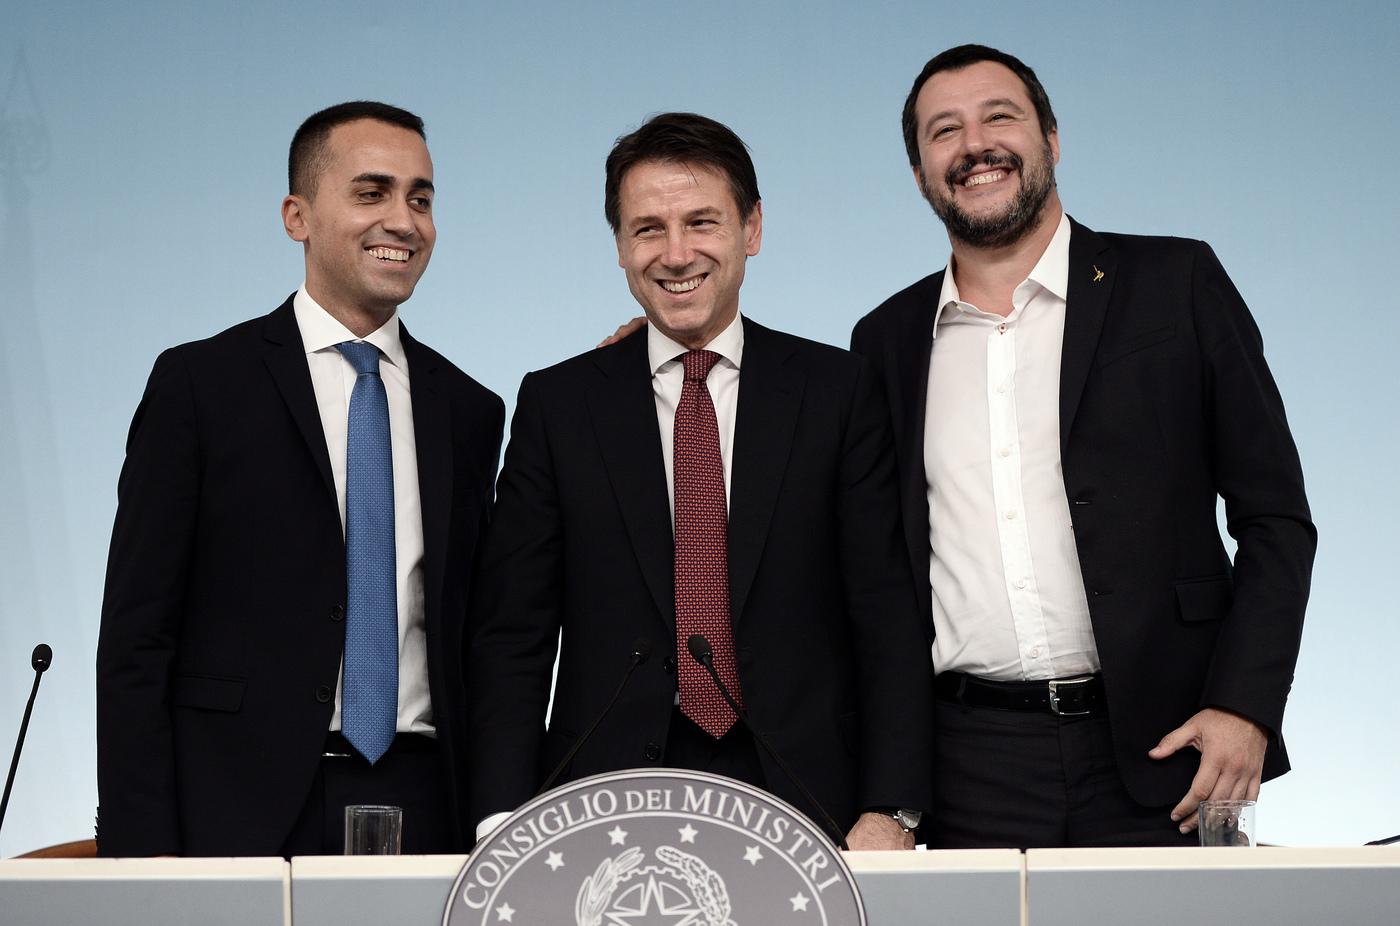 Di Maio, Conte e Salvini in una foto durante il Consiglio dei Ministri